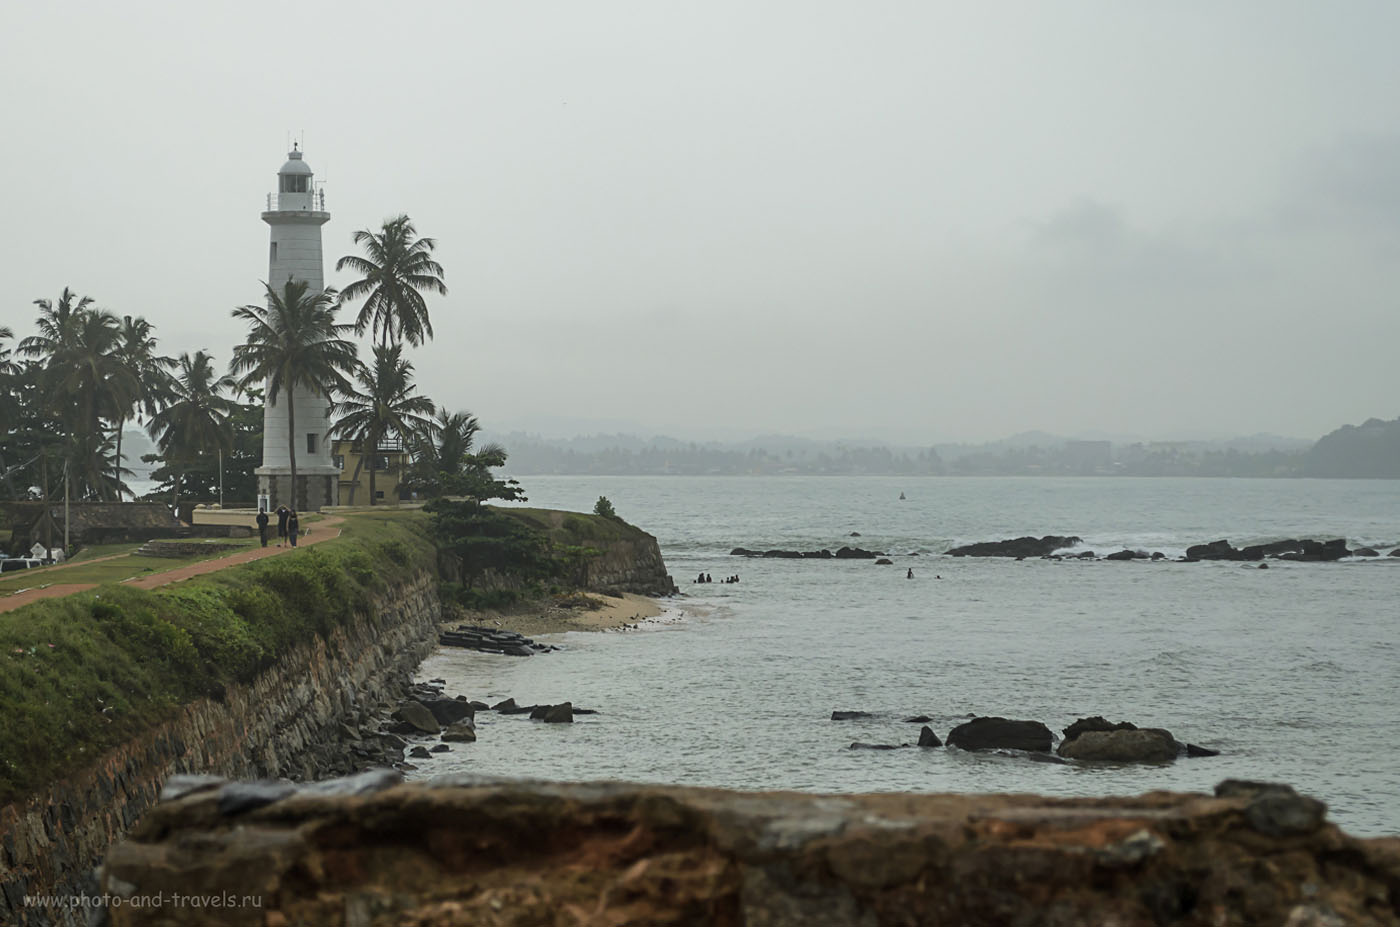 Фото 5. Маяк в форте Галле (Fort Galle) на берегу Индийского океана на Шри-Ланке. Отзыв о самостоятельной экскурсии из Хиккадувы (Hikkaduwa). Интересные места, куда можно отправиться, если надоел пляжный отдых.